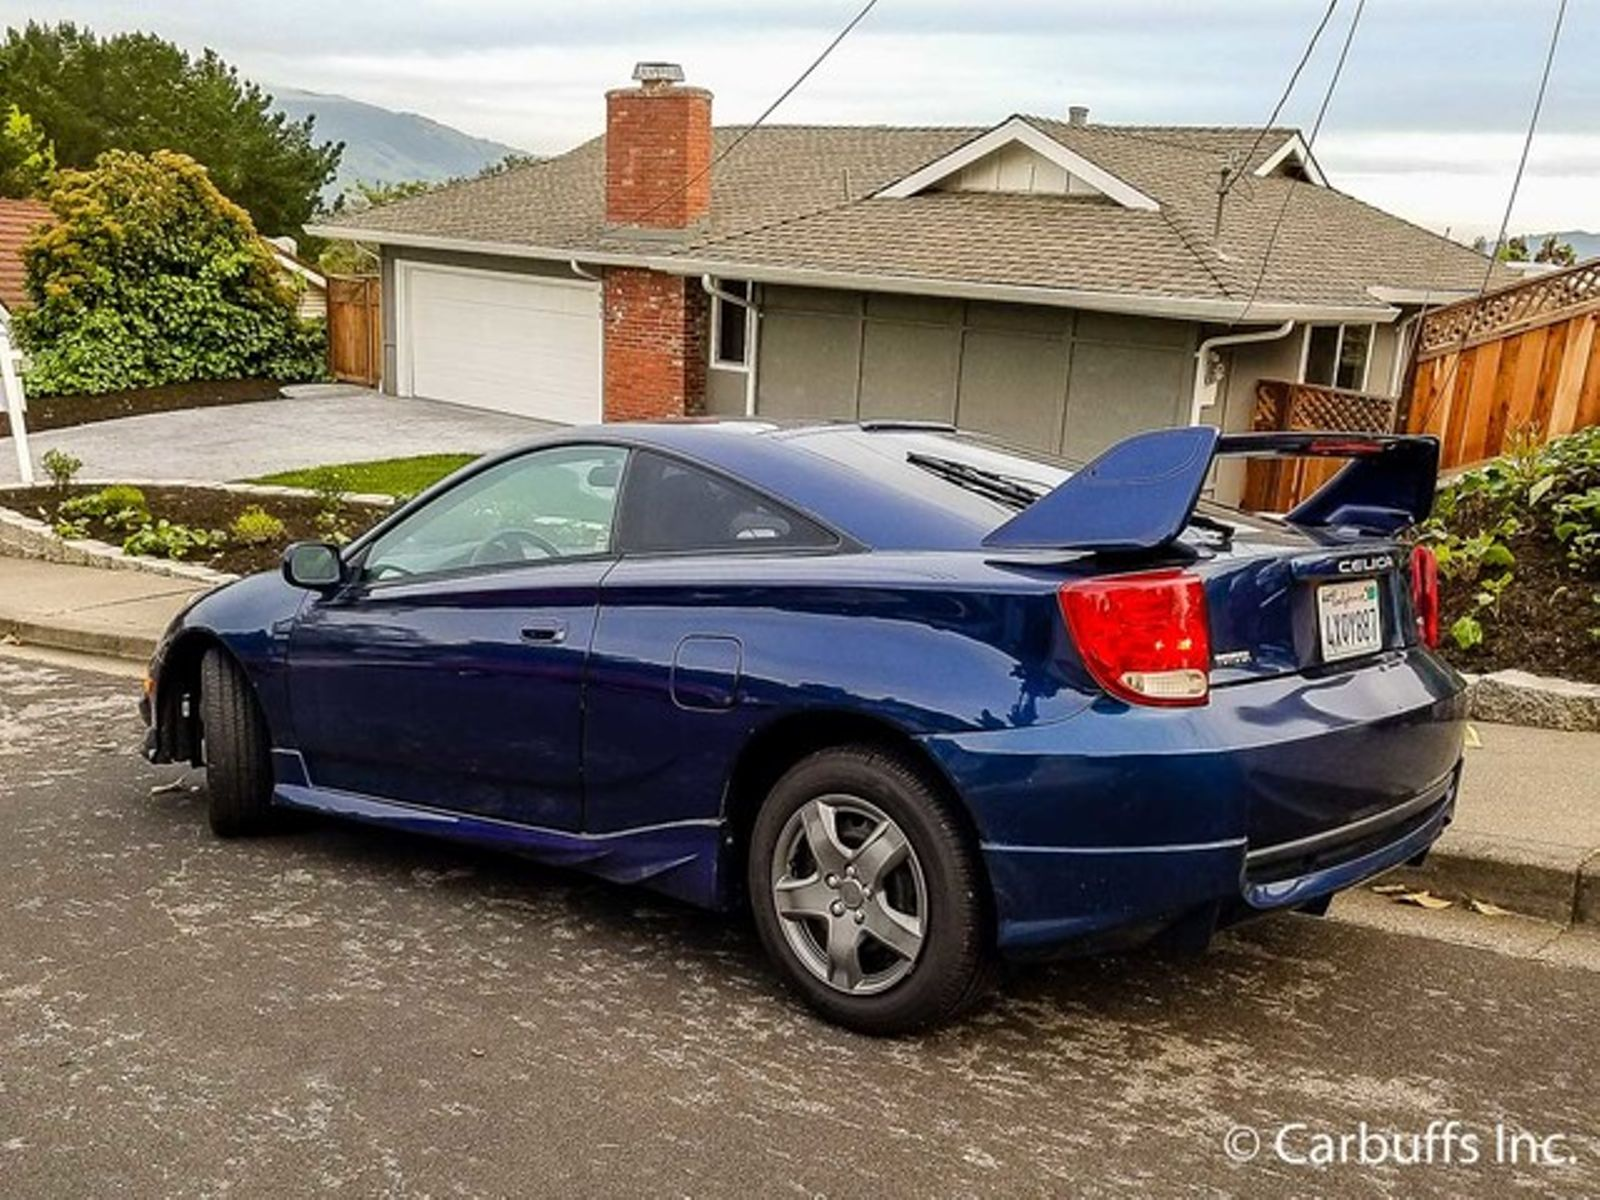 ... 2002 Toyota Celica GT | Concord, CA | Carbuffs in Concord, CA ...